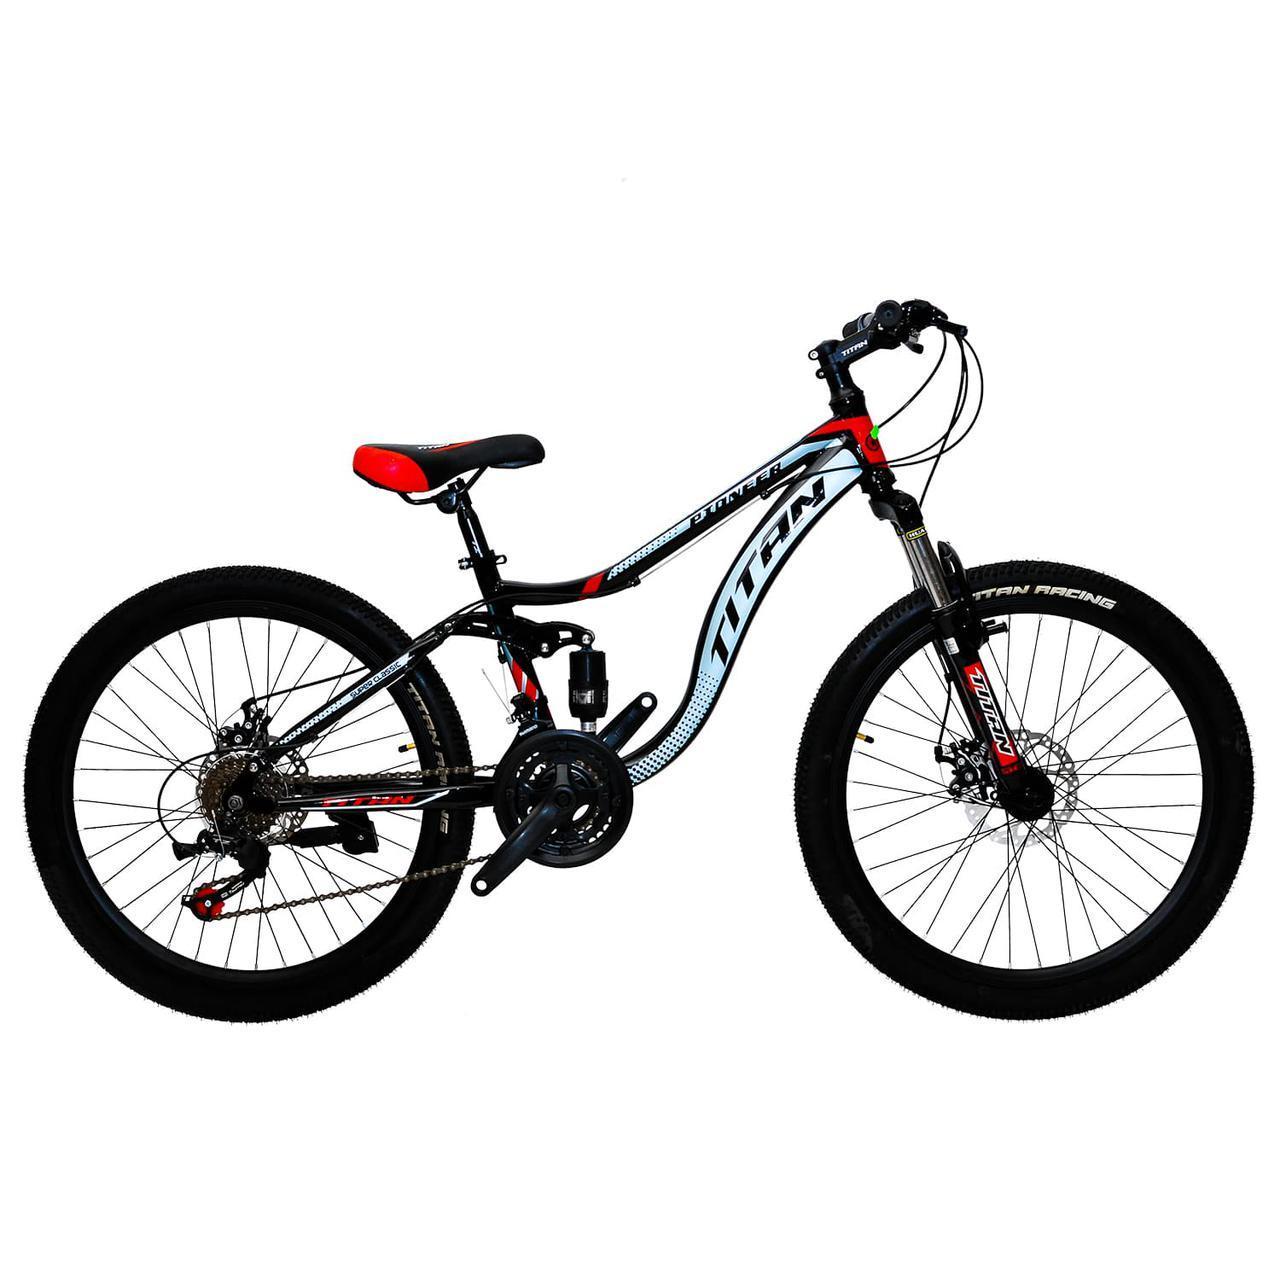 🚲Подростковый стальной горный дисковый велосипед Titan PIONEER DD (Shimano, моноблок); рама 13; колеса 24